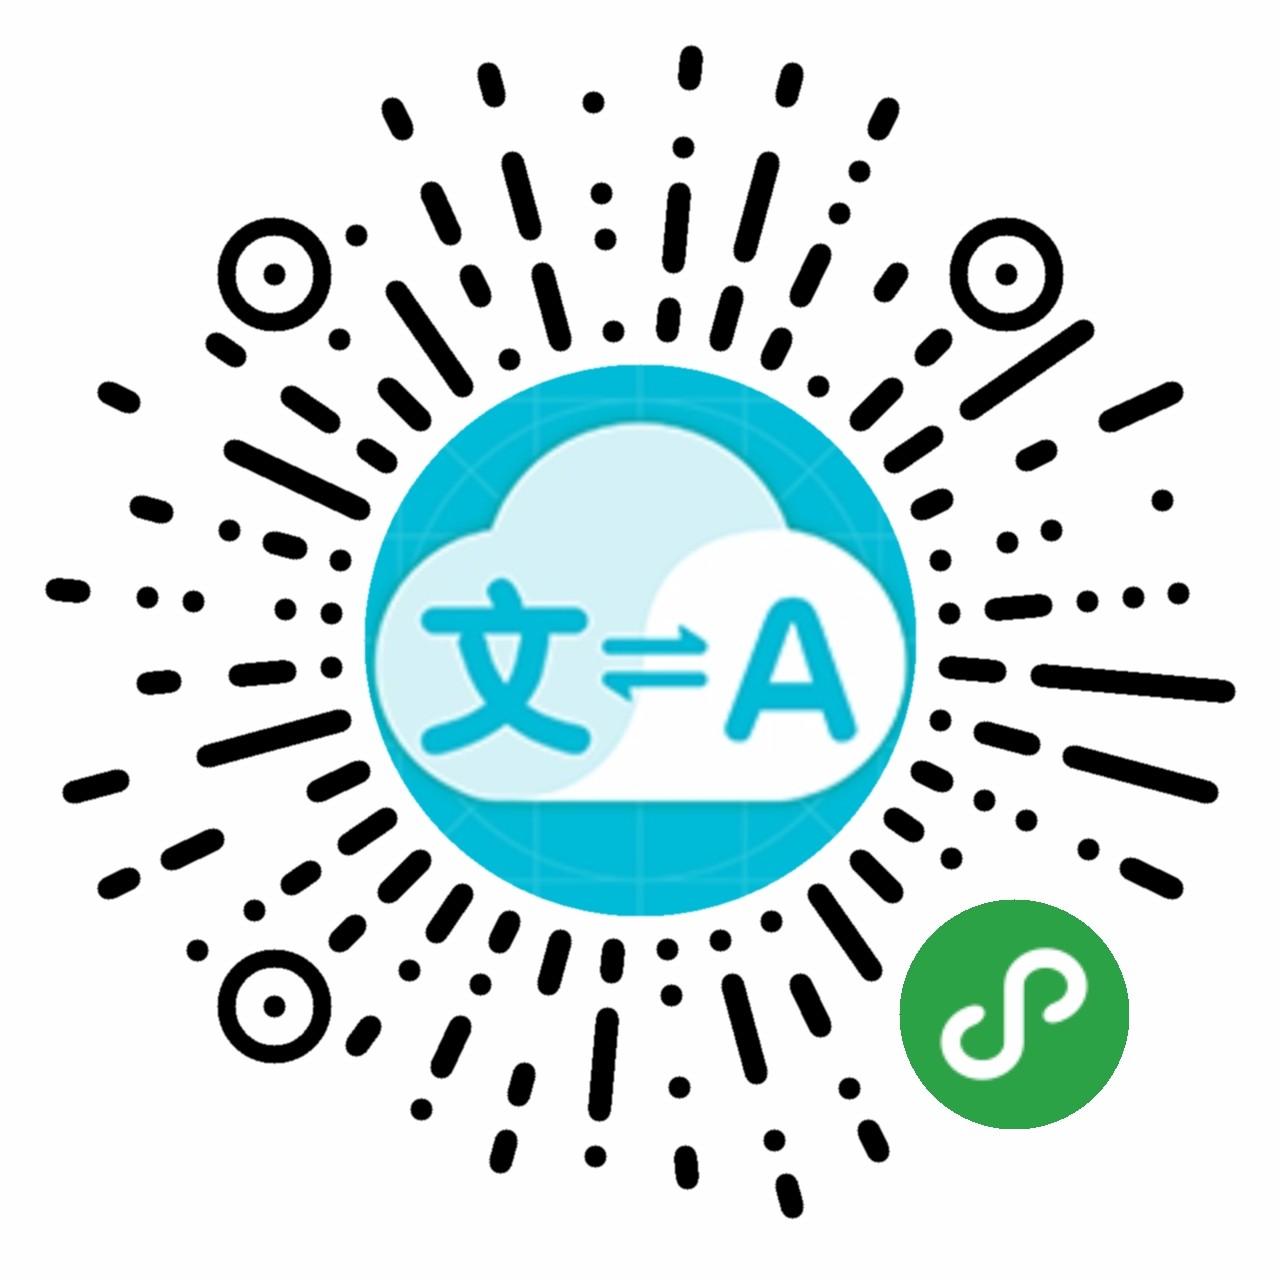 中英文翻译词典软件在线翻译官小程序二维码